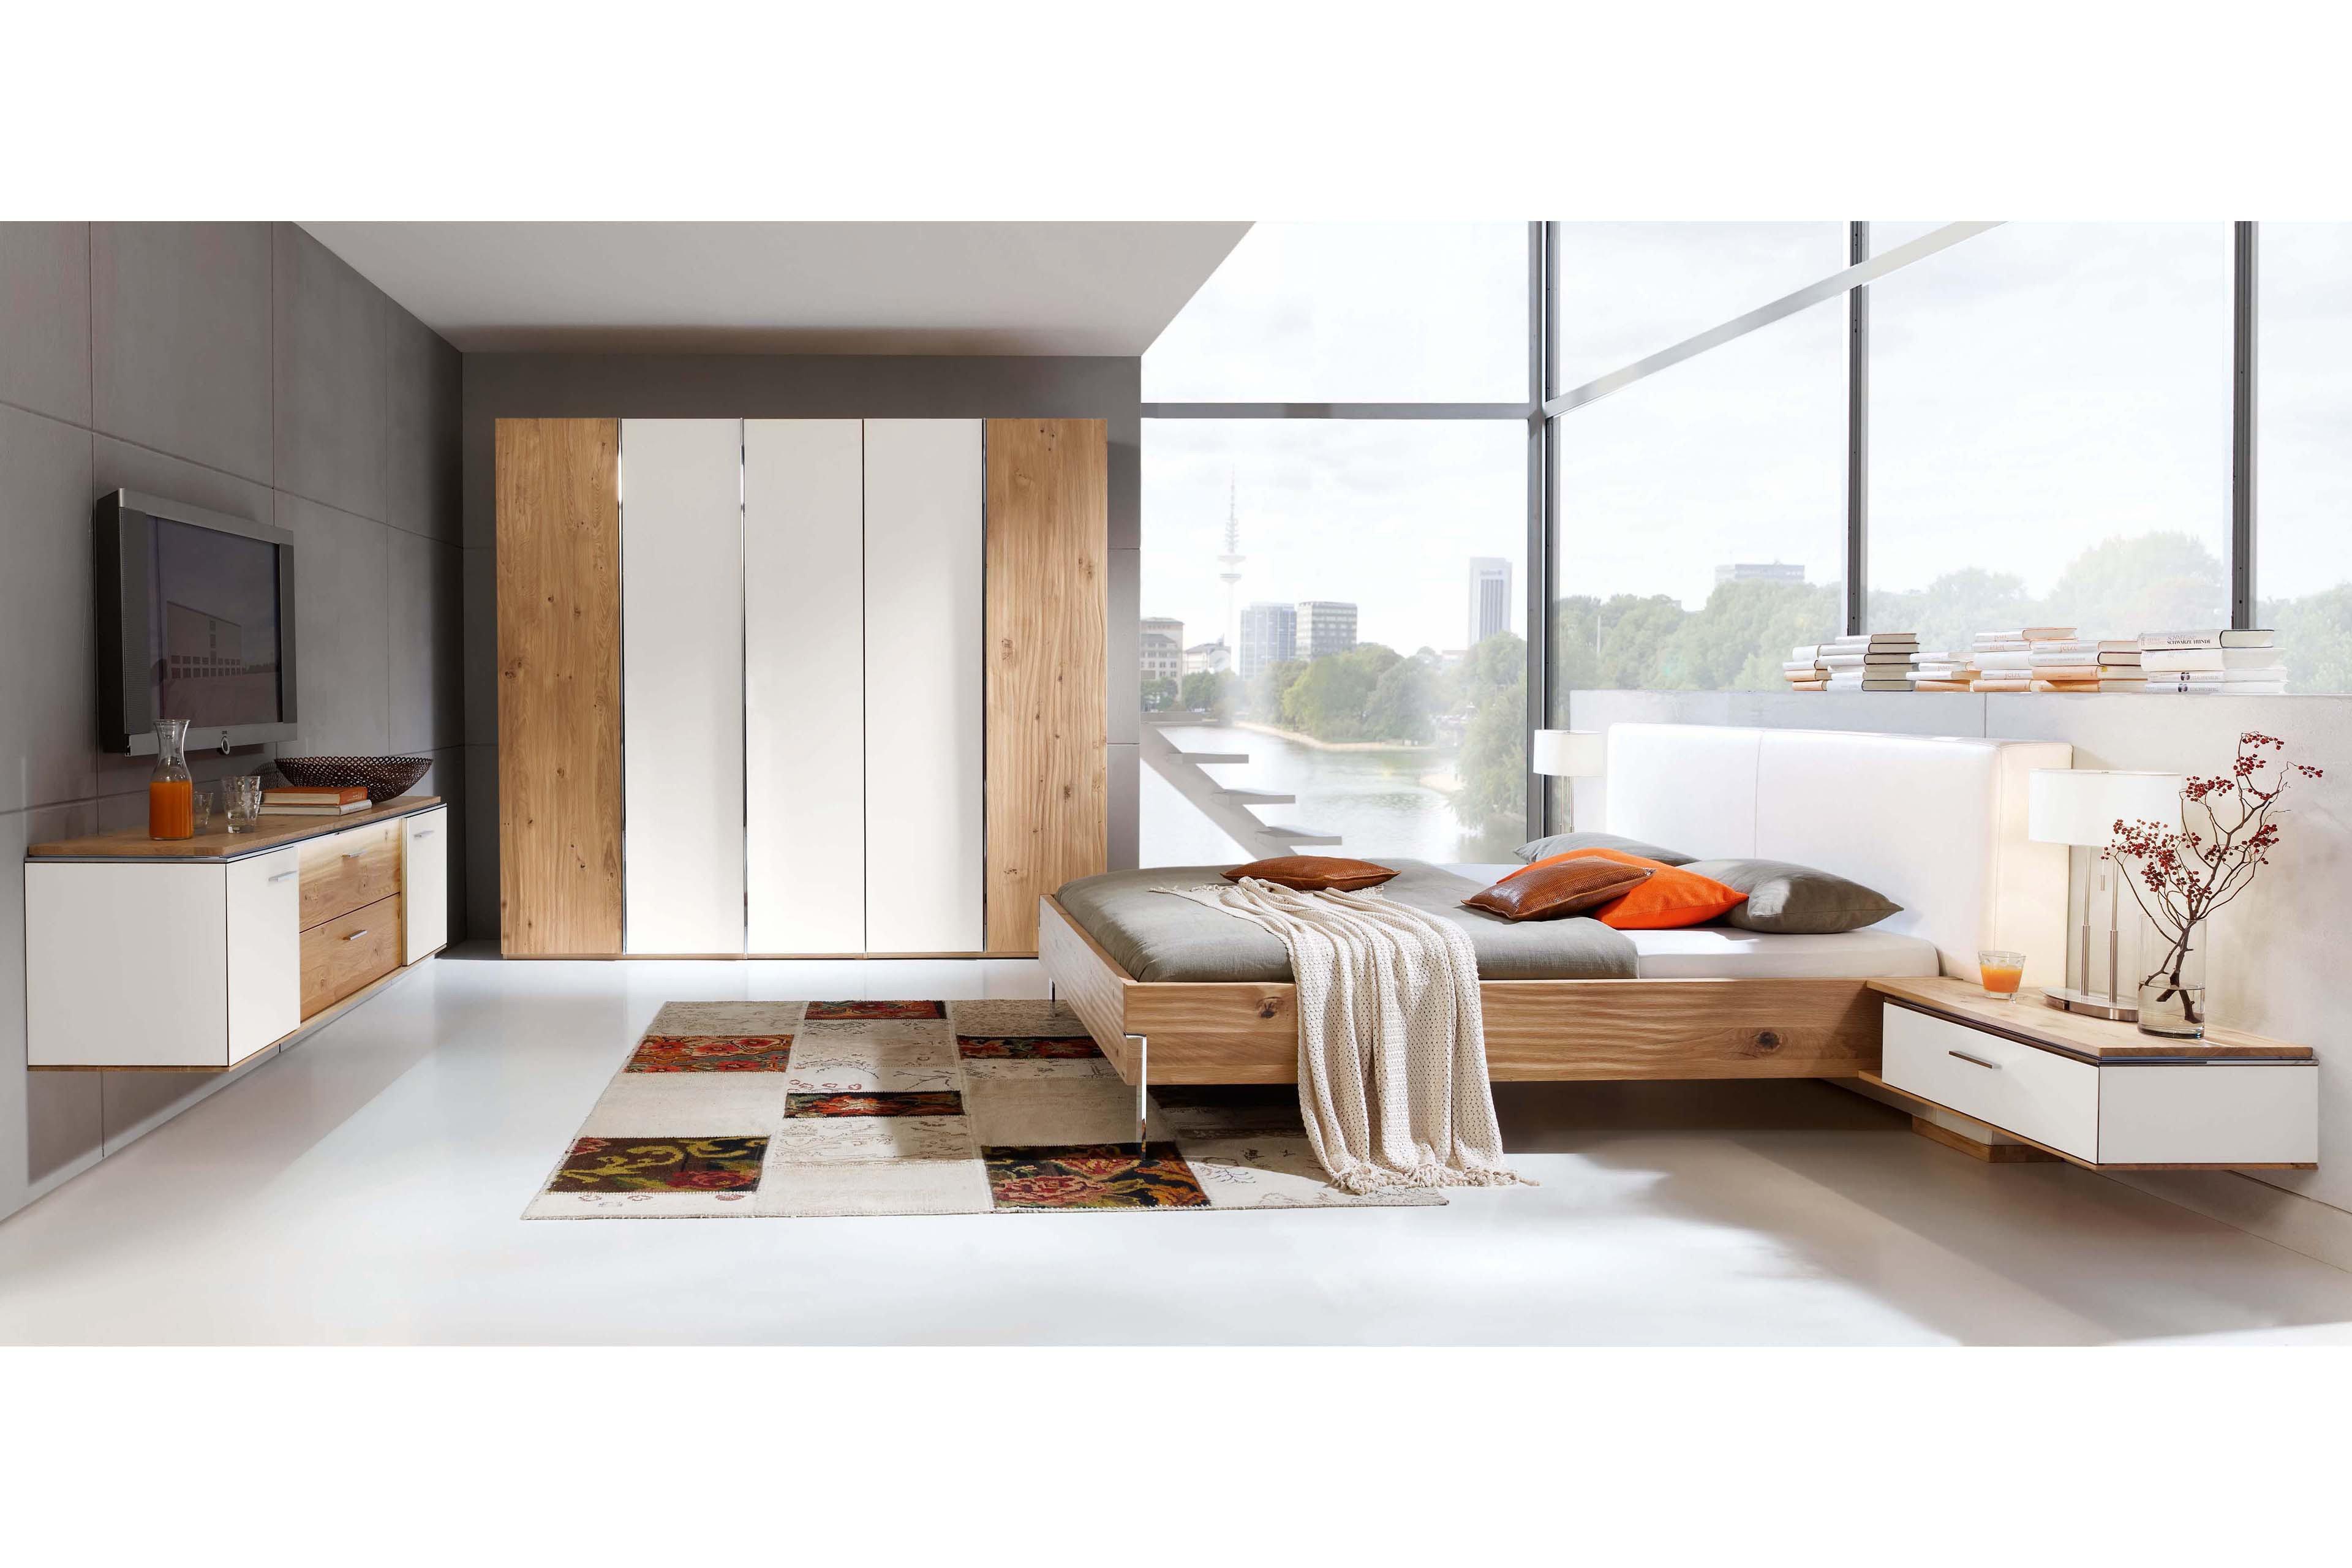 loft schlafzimmer m bel von thielemeyer m bel letz ihr online shop. Black Bedroom Furniture Sets. Home Design Ideas